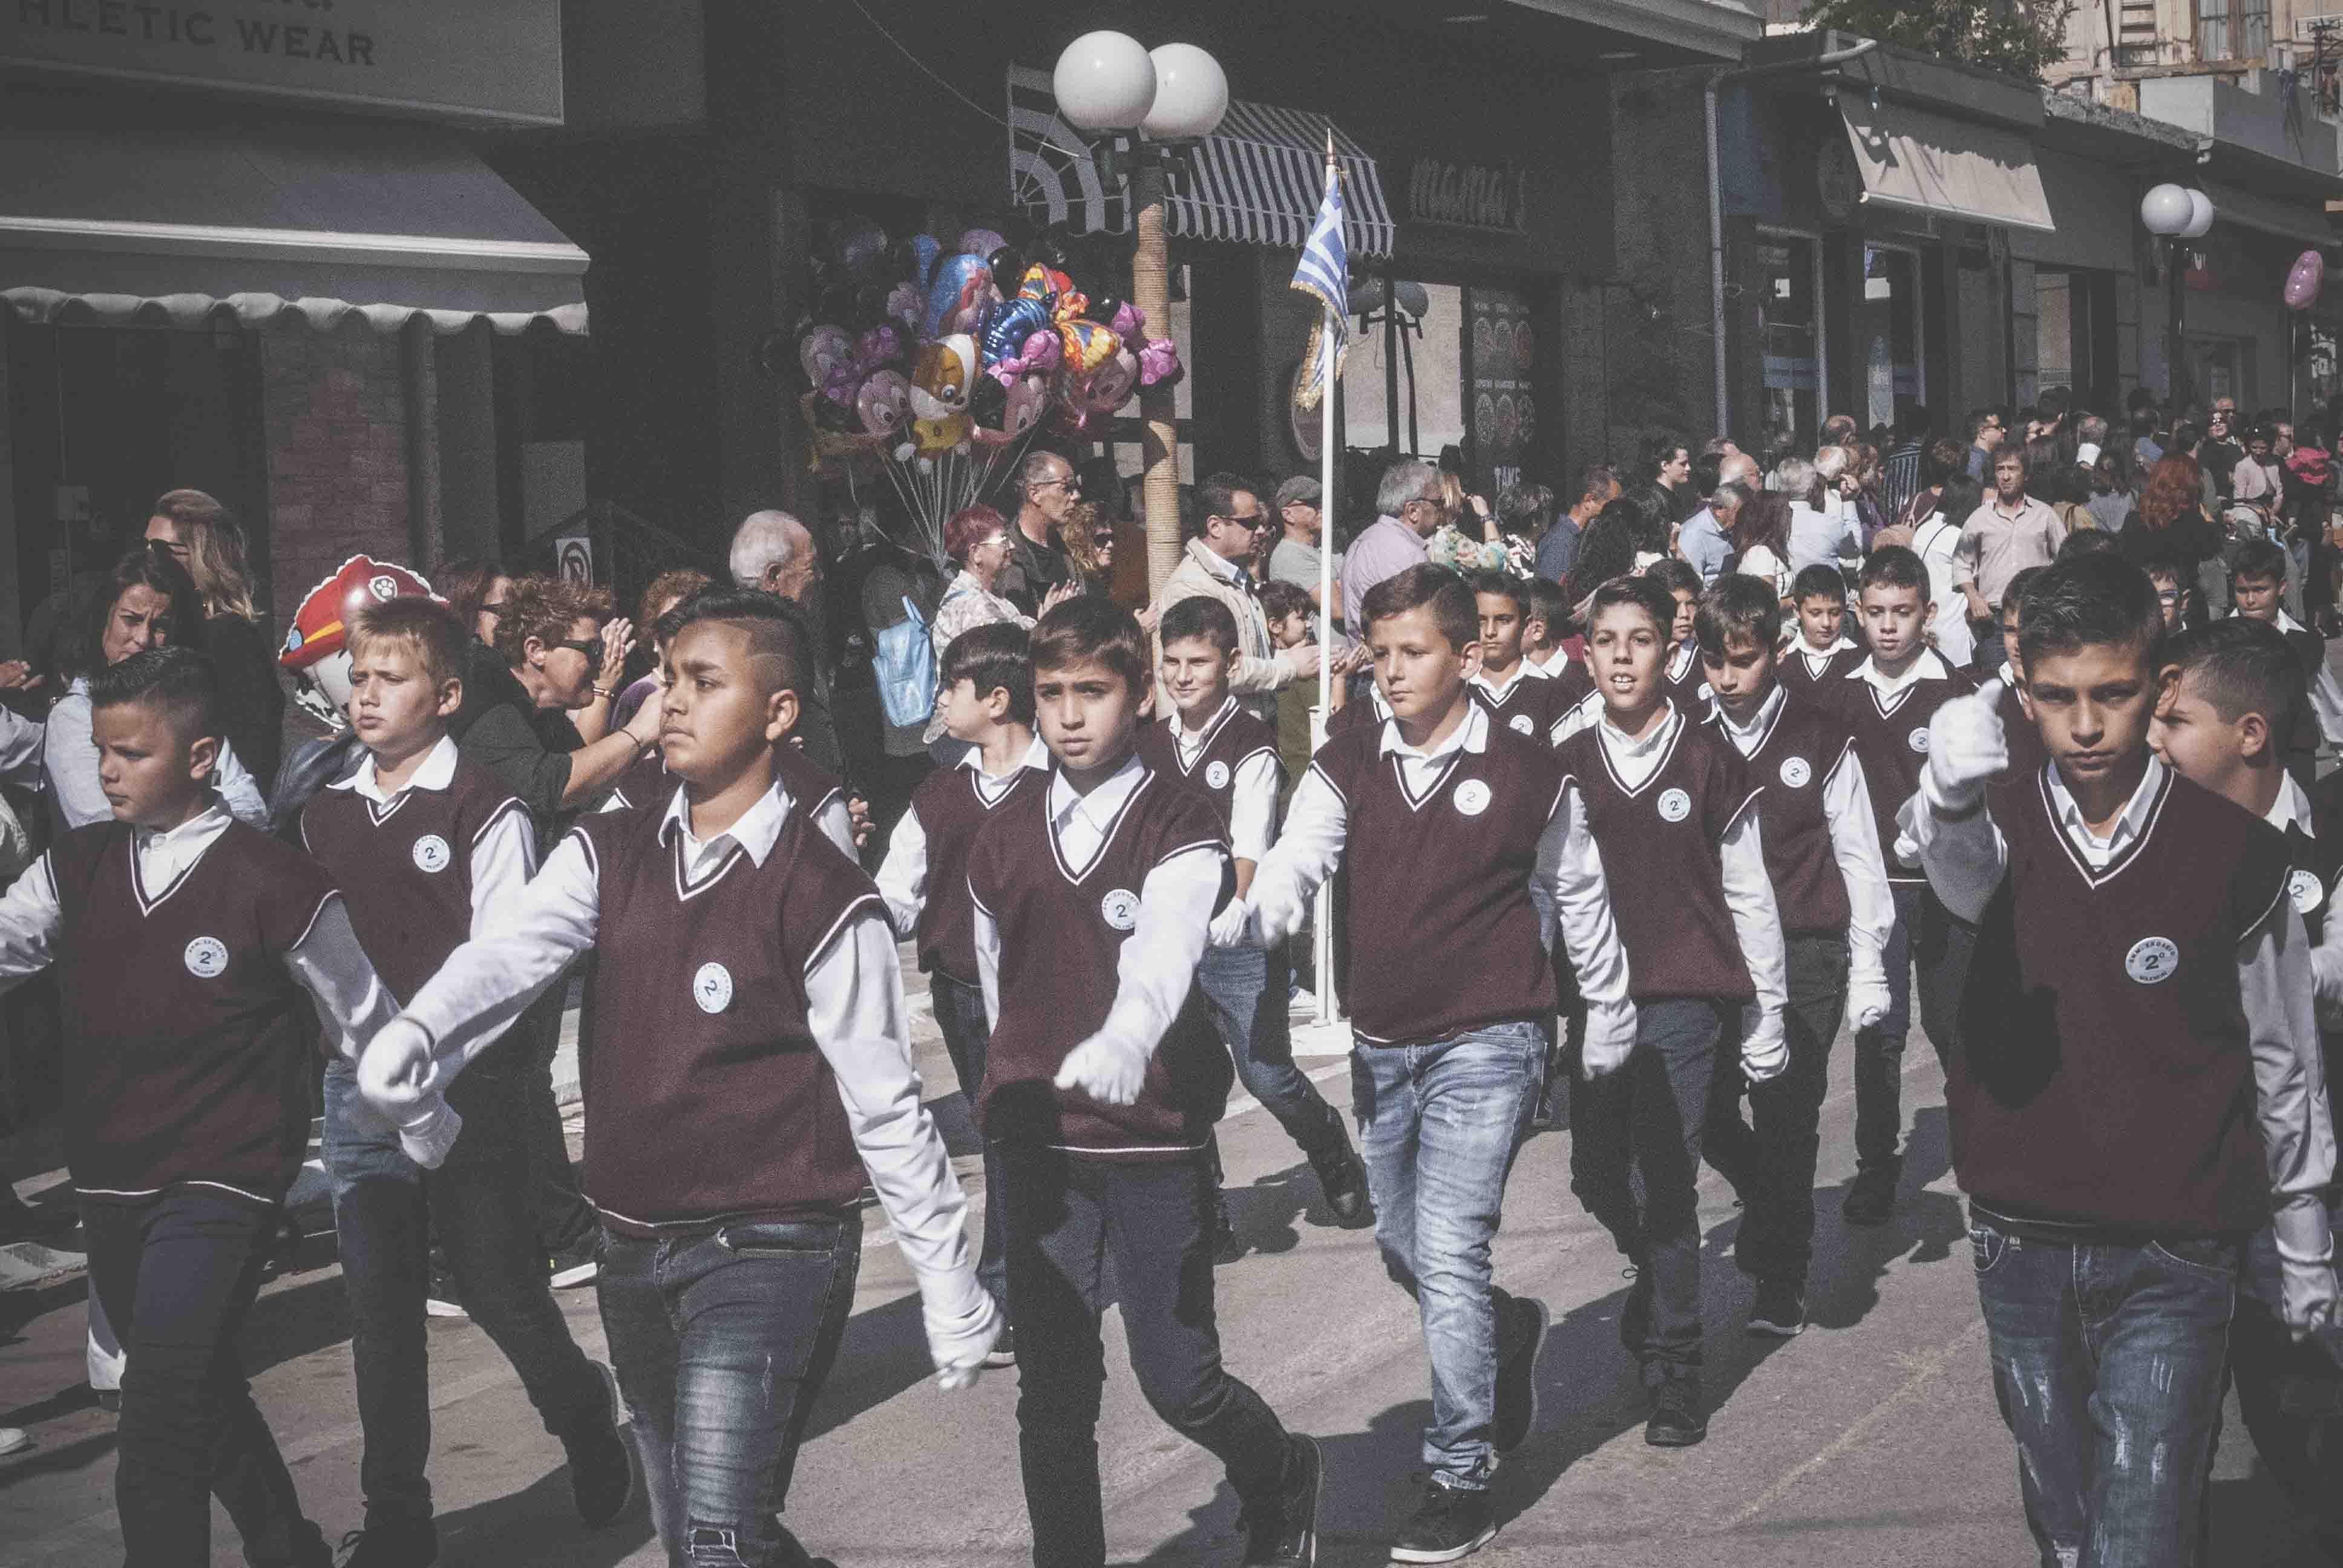 Φωτογραφικό υλικό από την παρέλαση στα Ψαχνά Φωτογραφικό υλικό από την παρέλαση στα Ψαχνά DSC 0374